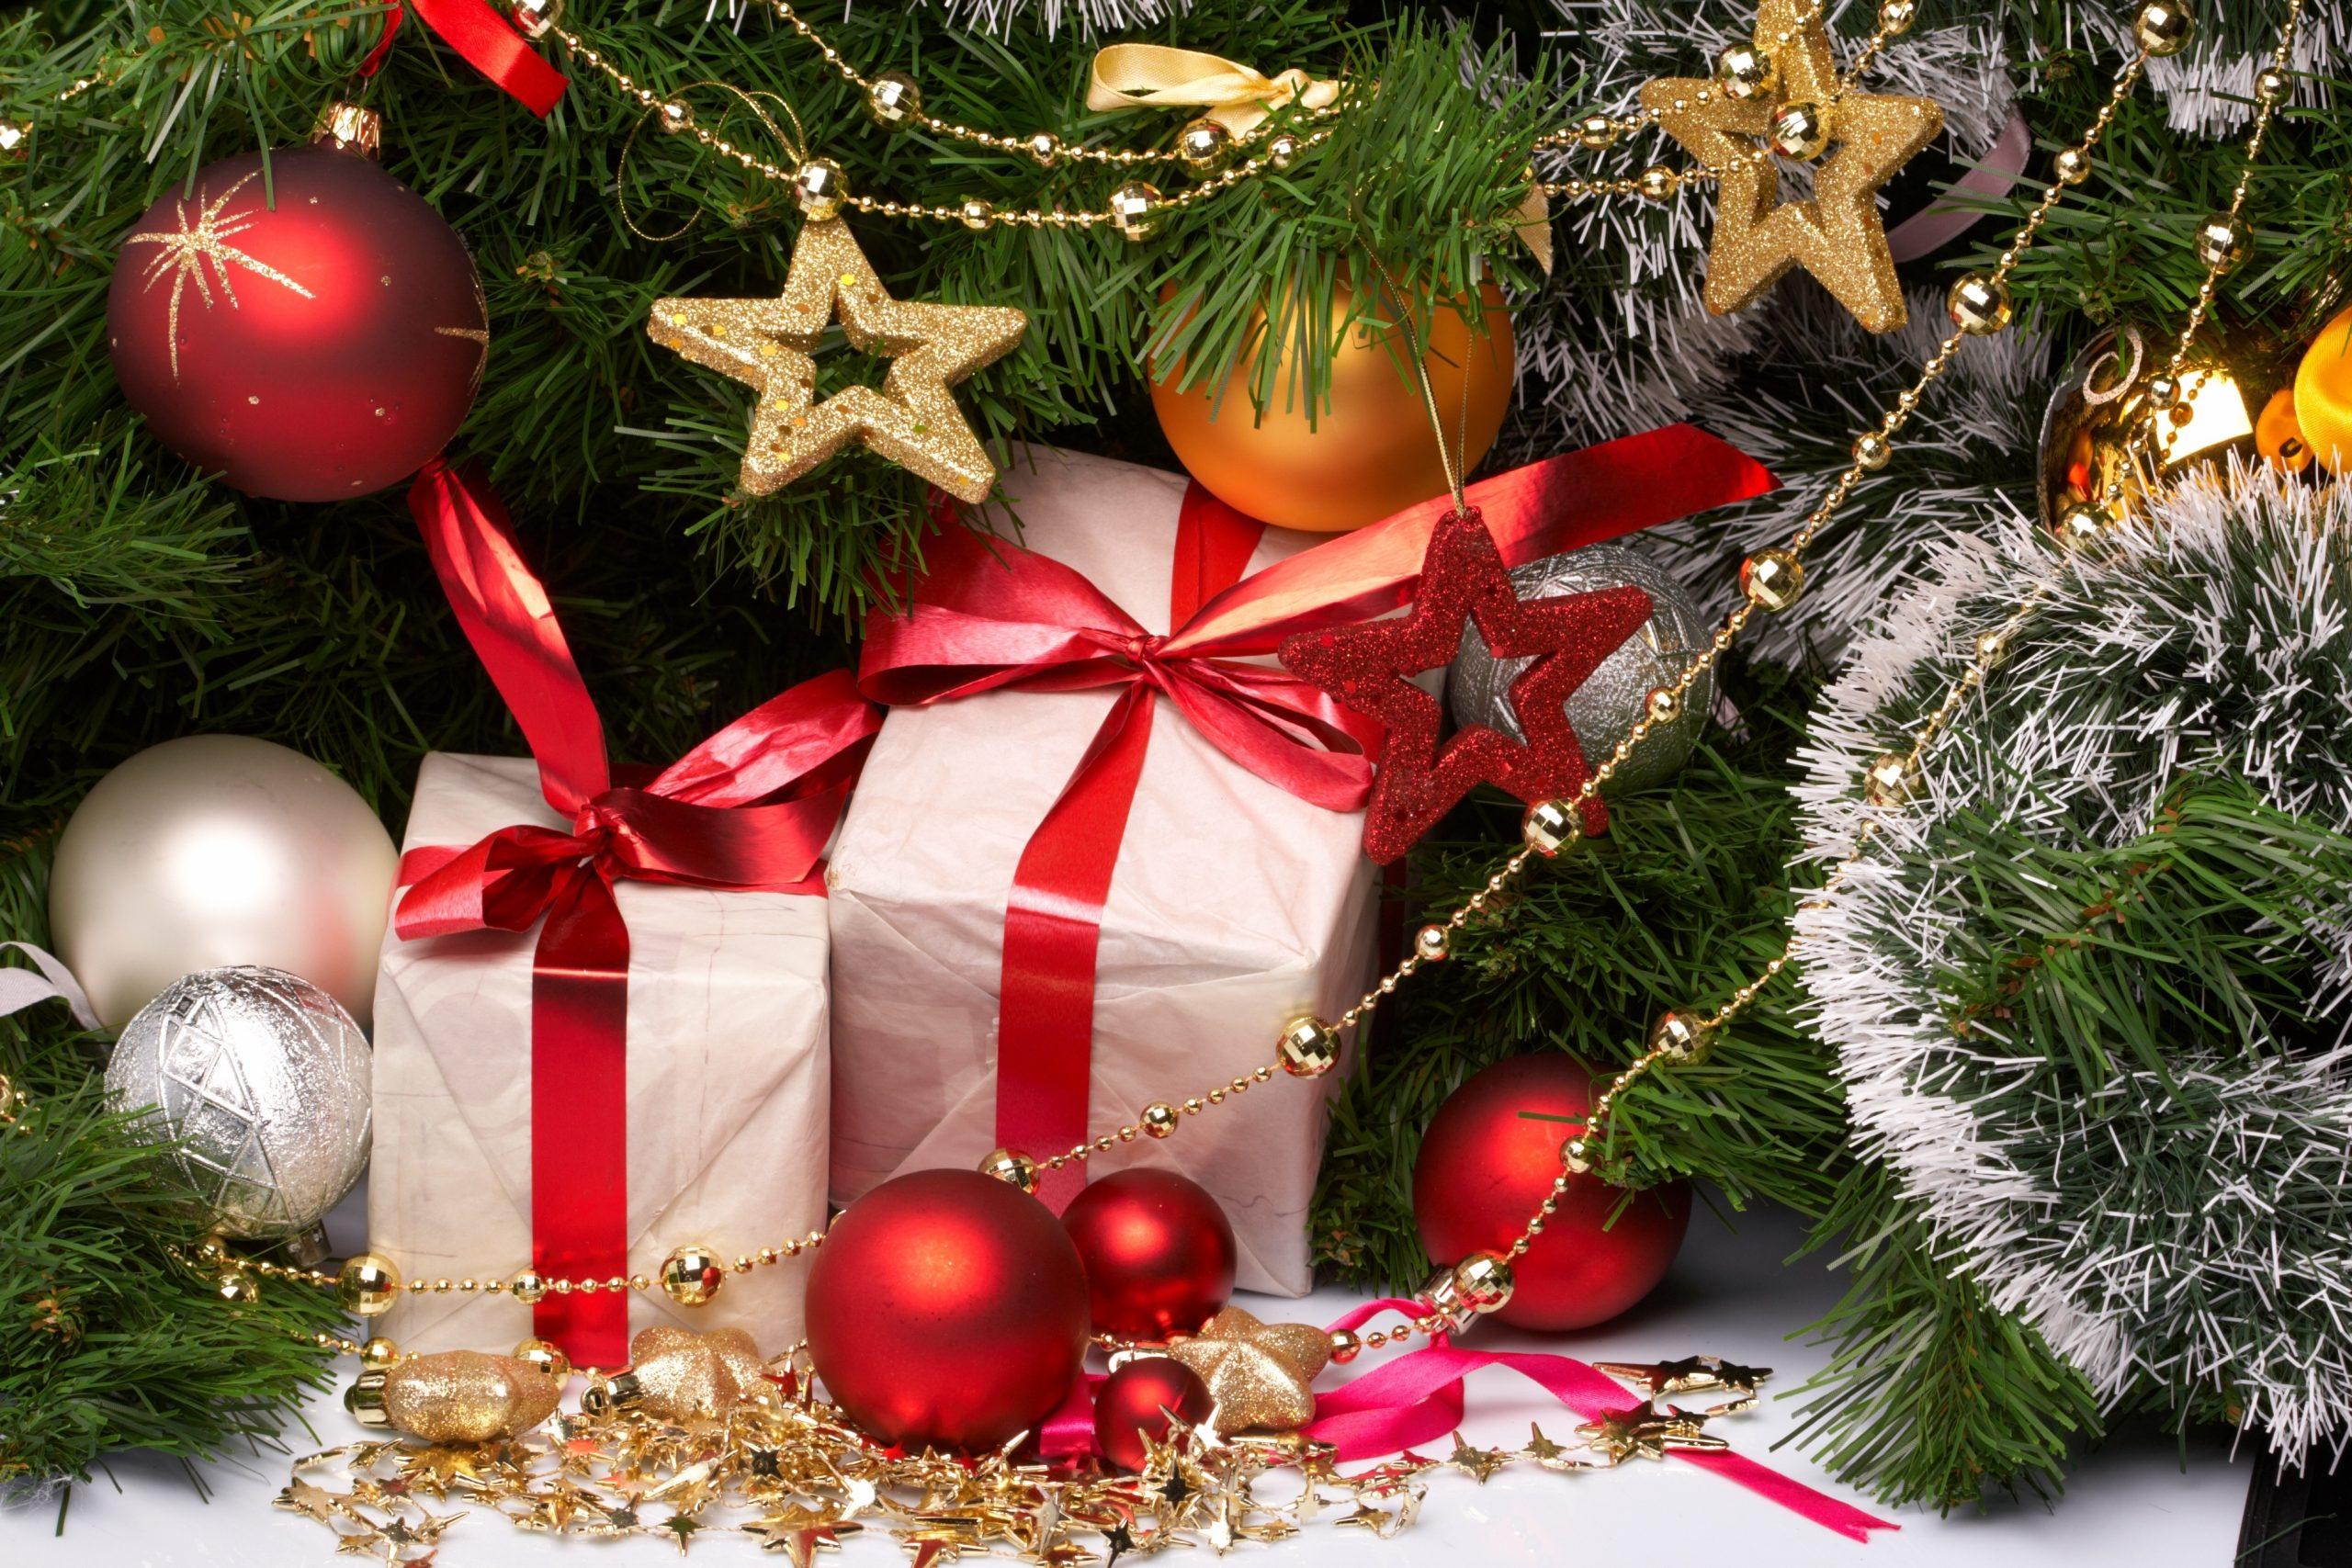 Купить сладкие подарки к Новому 2022 Году